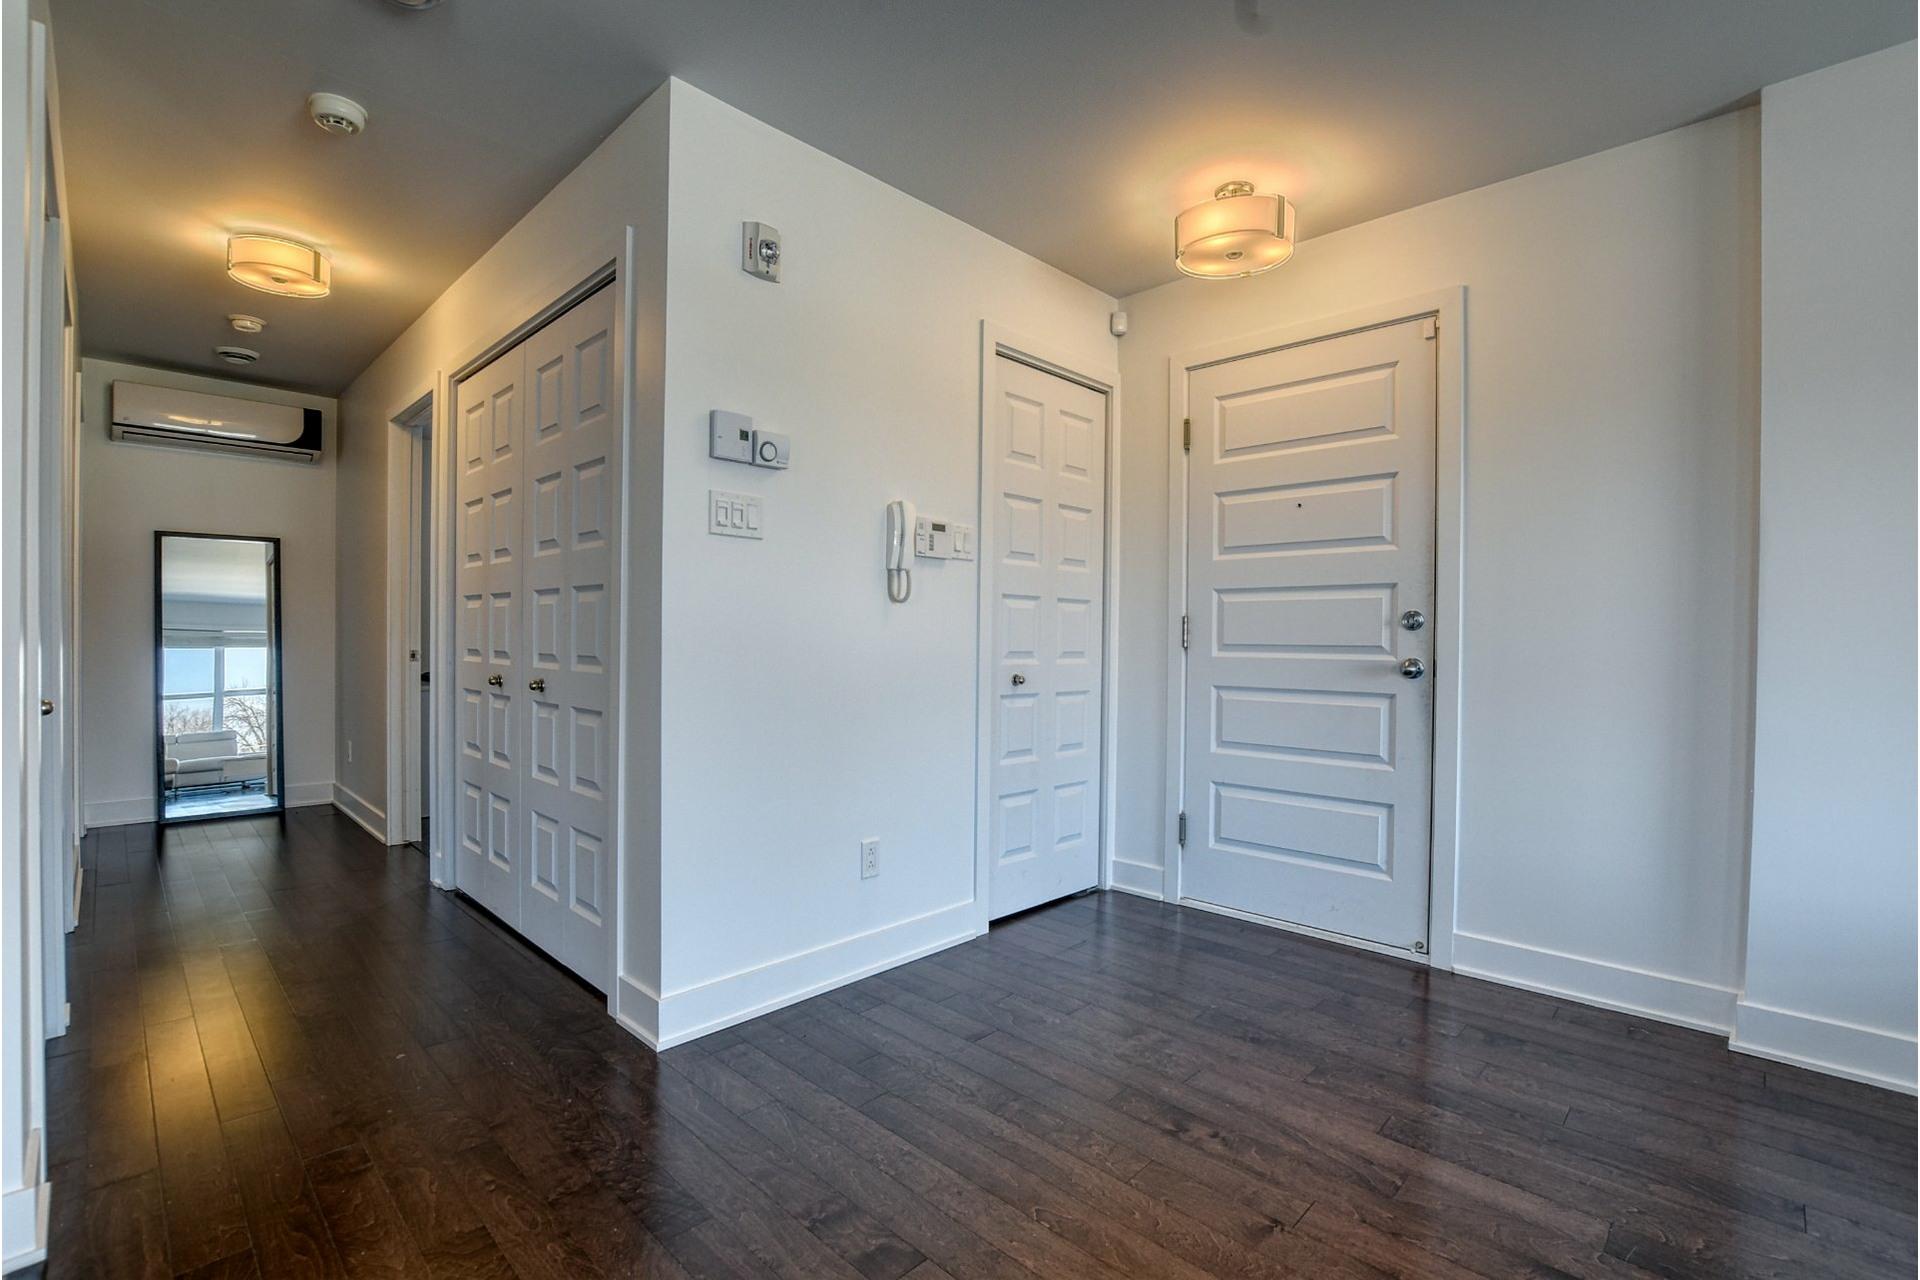 image 3 - Appartement À vendre Rivière-des-Prairies/Pointe-aux-Trembles Montréal  - 11 pièces